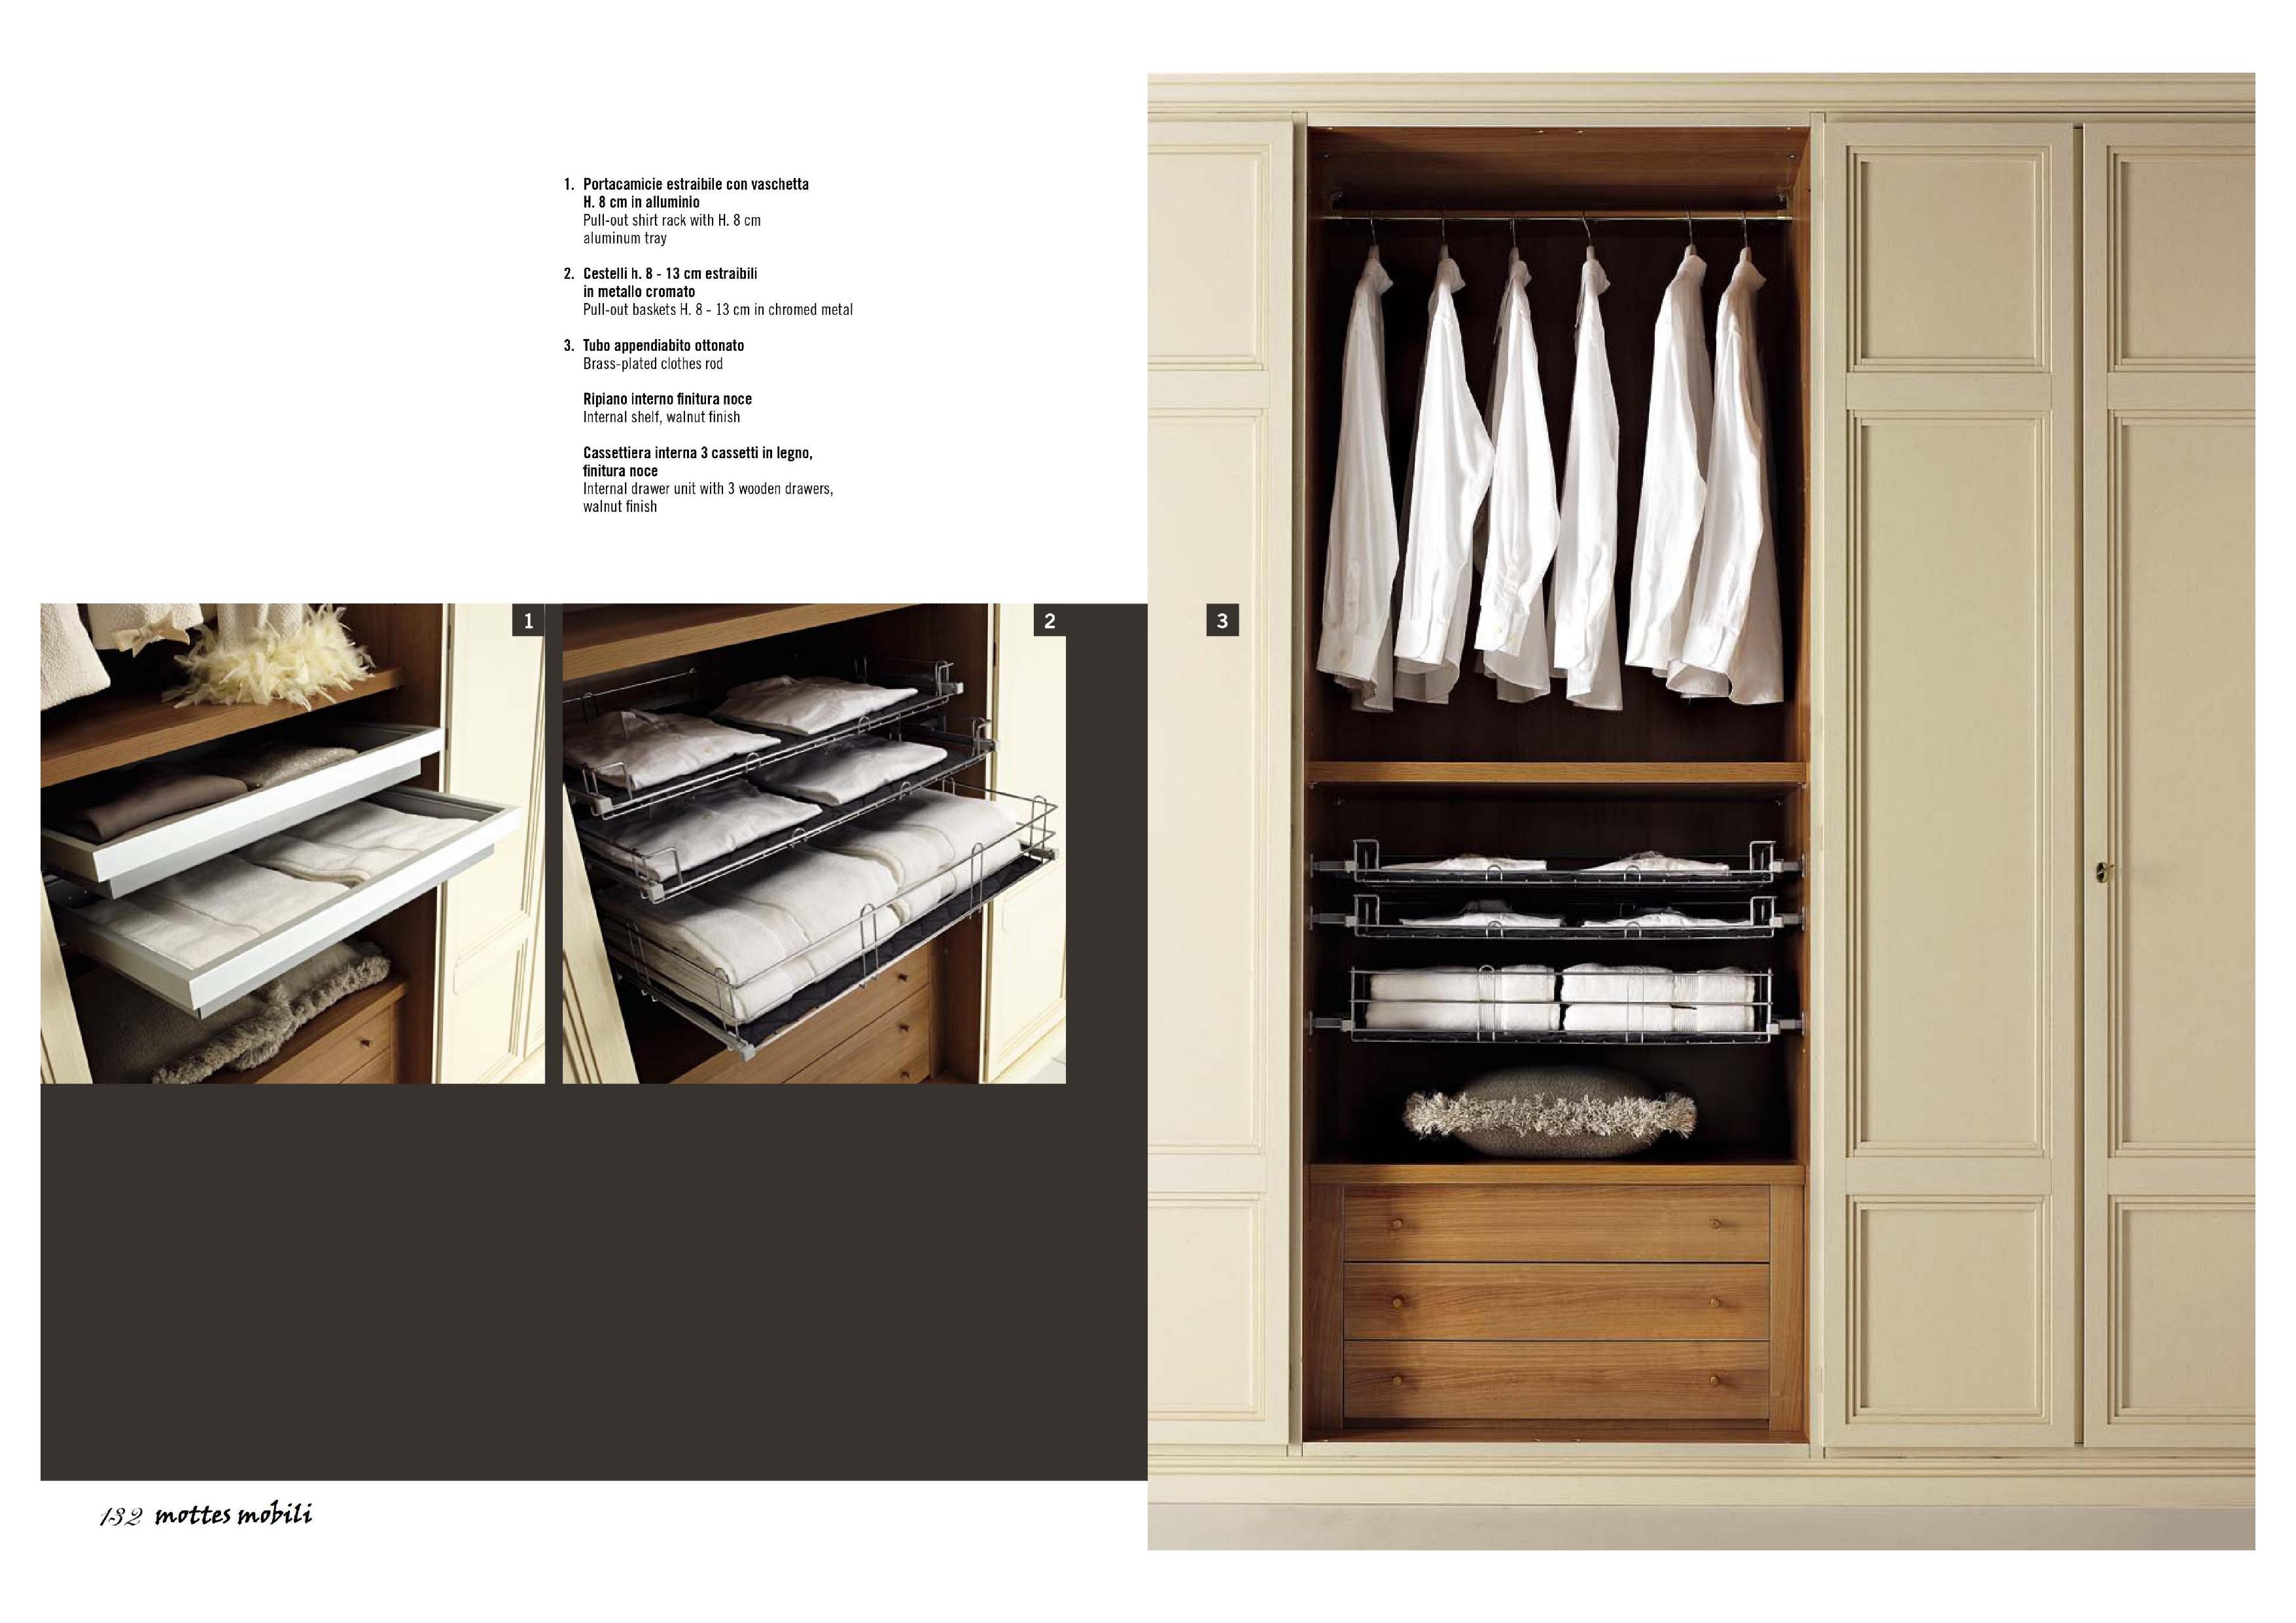 Amazon armadietti alluminio casamia idea di immagine for Amazon armadi legno